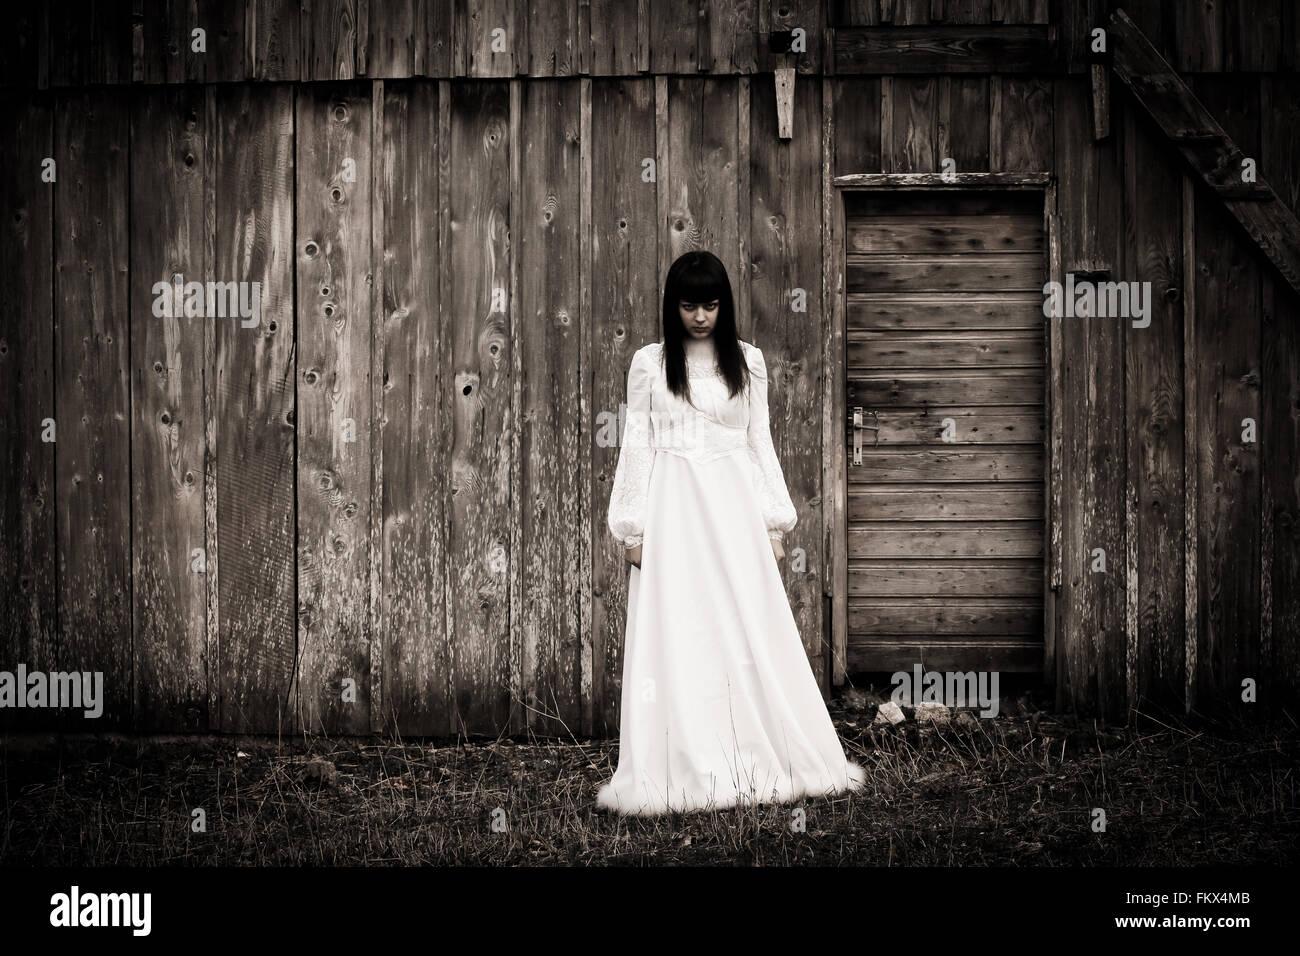 Horror-Szene einer beängstigend Frau Stockbild